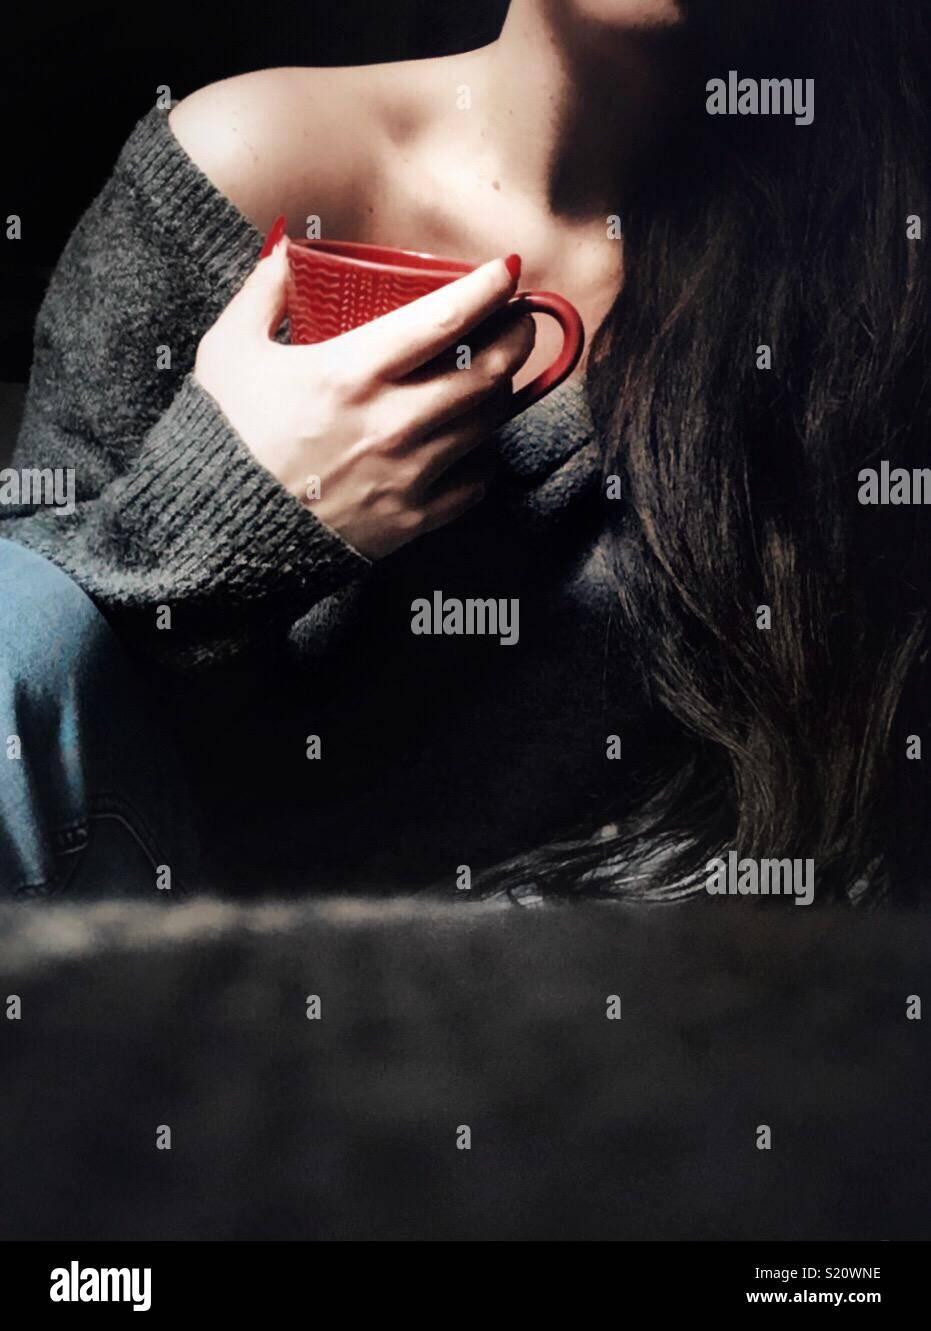 Femme avec de longs cheveux noirs tenant une tasse rouge Photo Stock